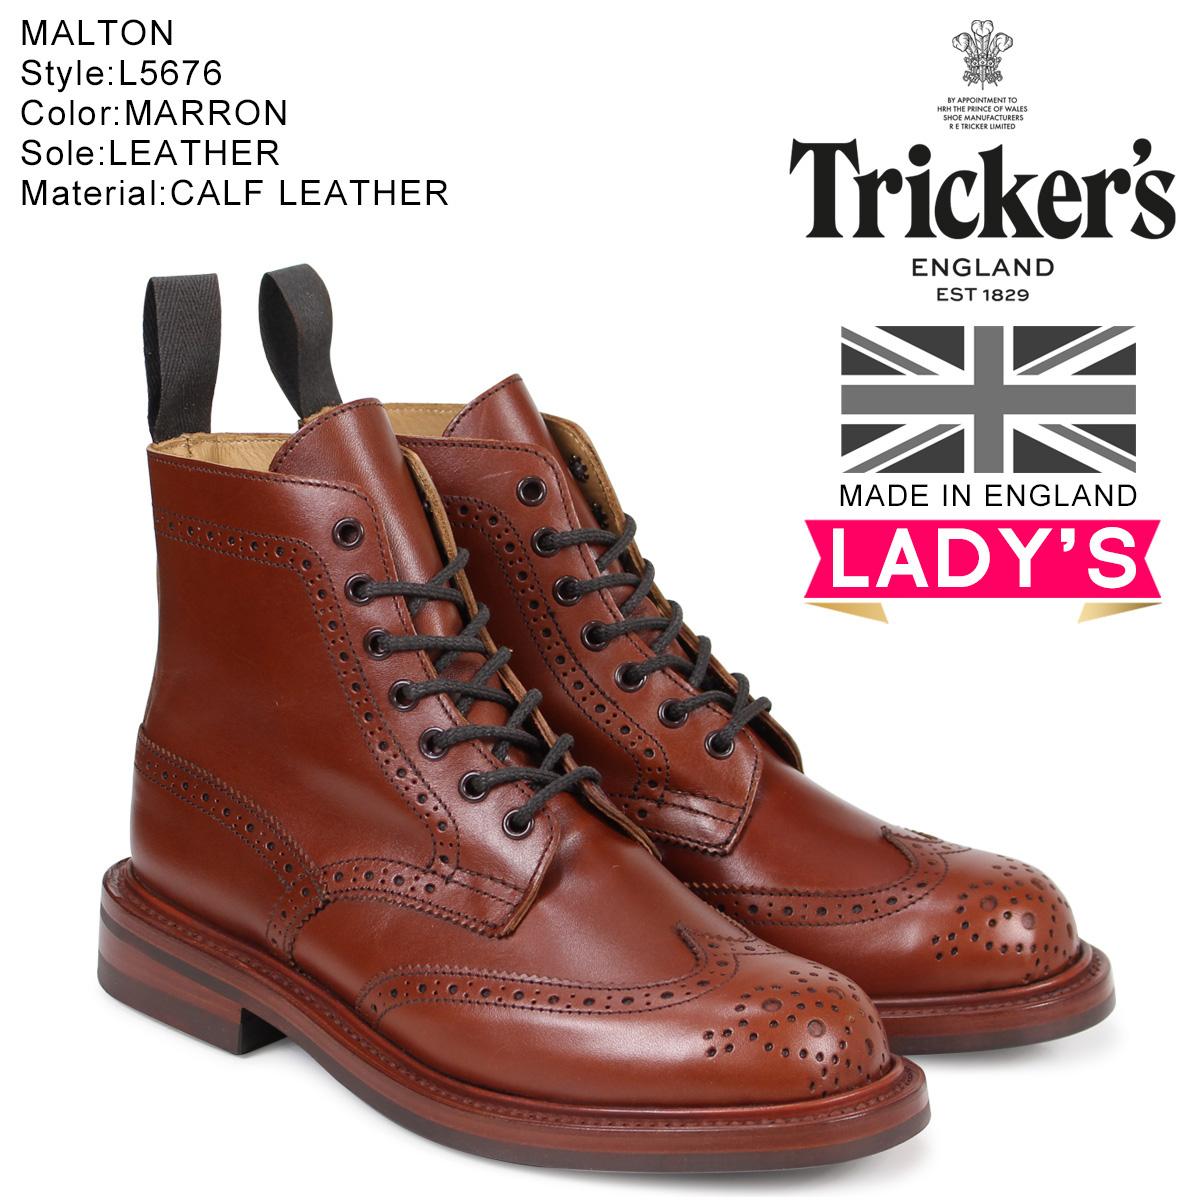 トリッカーズ Trickers レディース カントリーブーツ STEPHY L5676 4ワイズ ダークブラウン